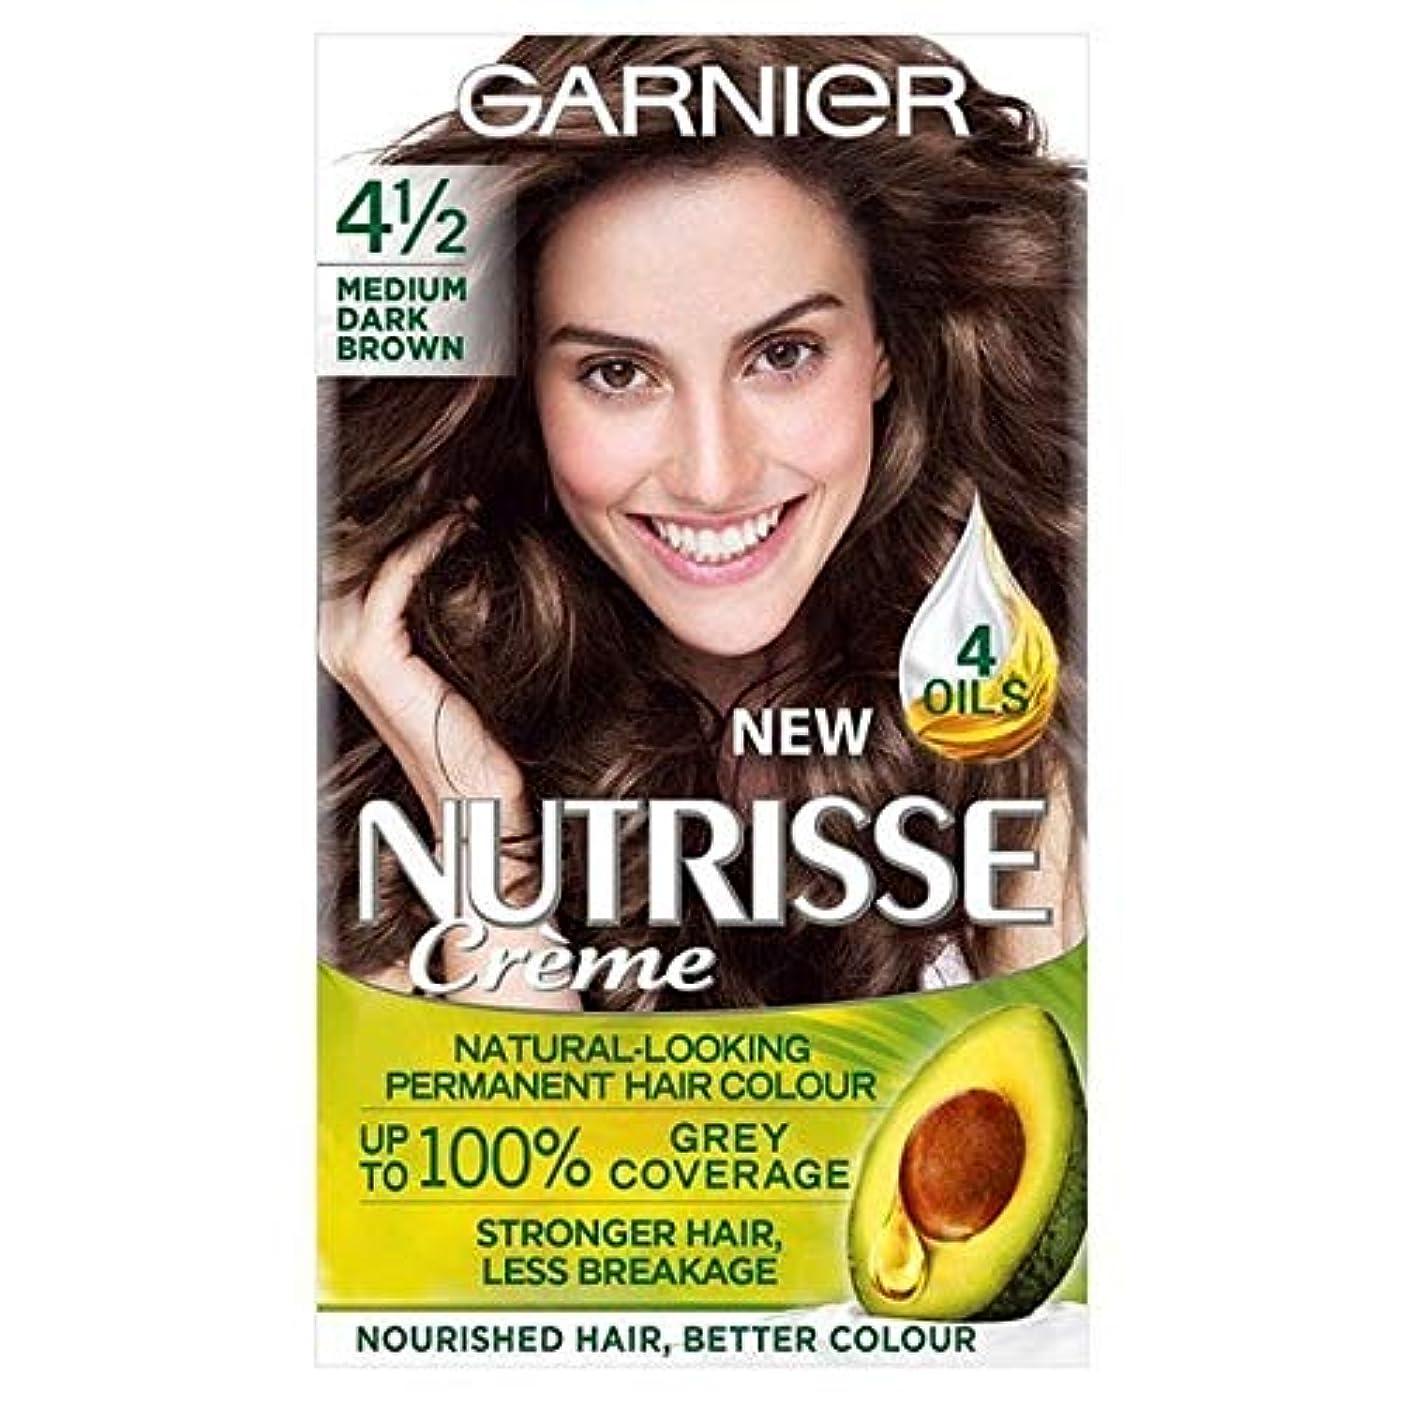 農夫不一致絶対に[Garnier ] ガルニエNutrisseパーマネント染毛剤中ダークブラウン4 1/2 - Garnier Nutrisse Permanent Hair Dye Medium Dark Brown 4 1/2 [並行輸入品]